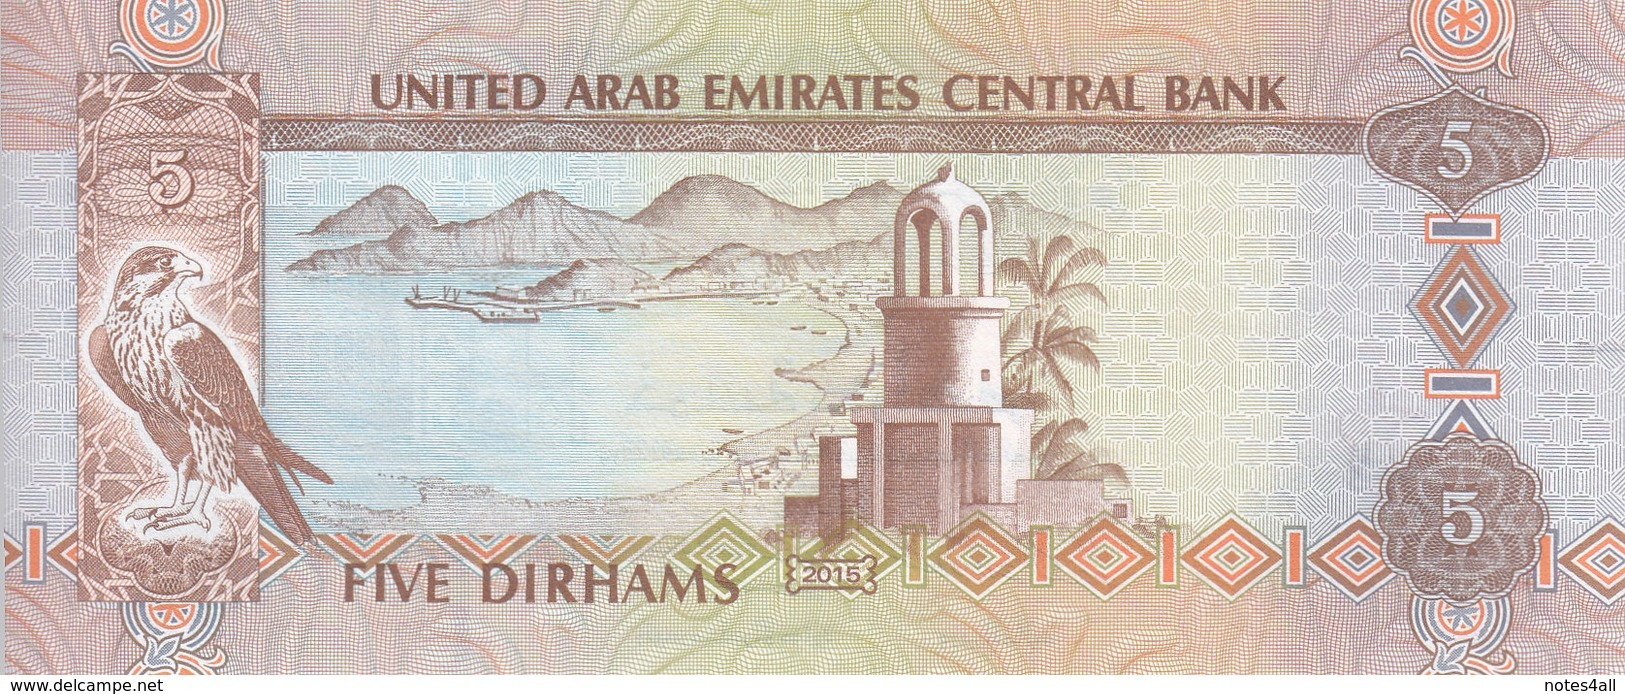 UAE UNITED ARAB EMIRATES 5 DIRHAMS 2015 P-26 UNC */* - United Arab Emirates